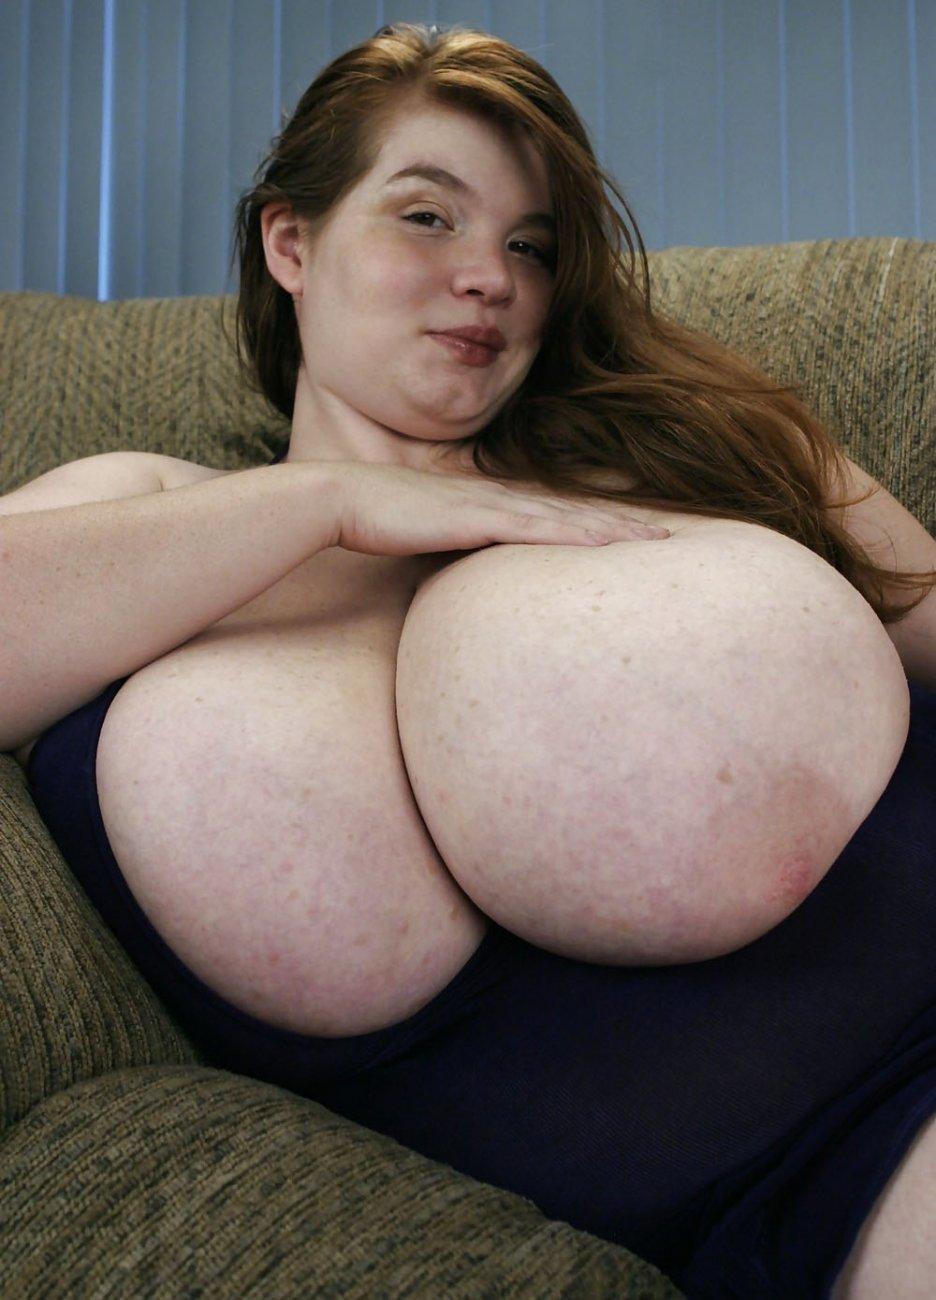 Секс молодой картинки сисек гигантских и толстых порно